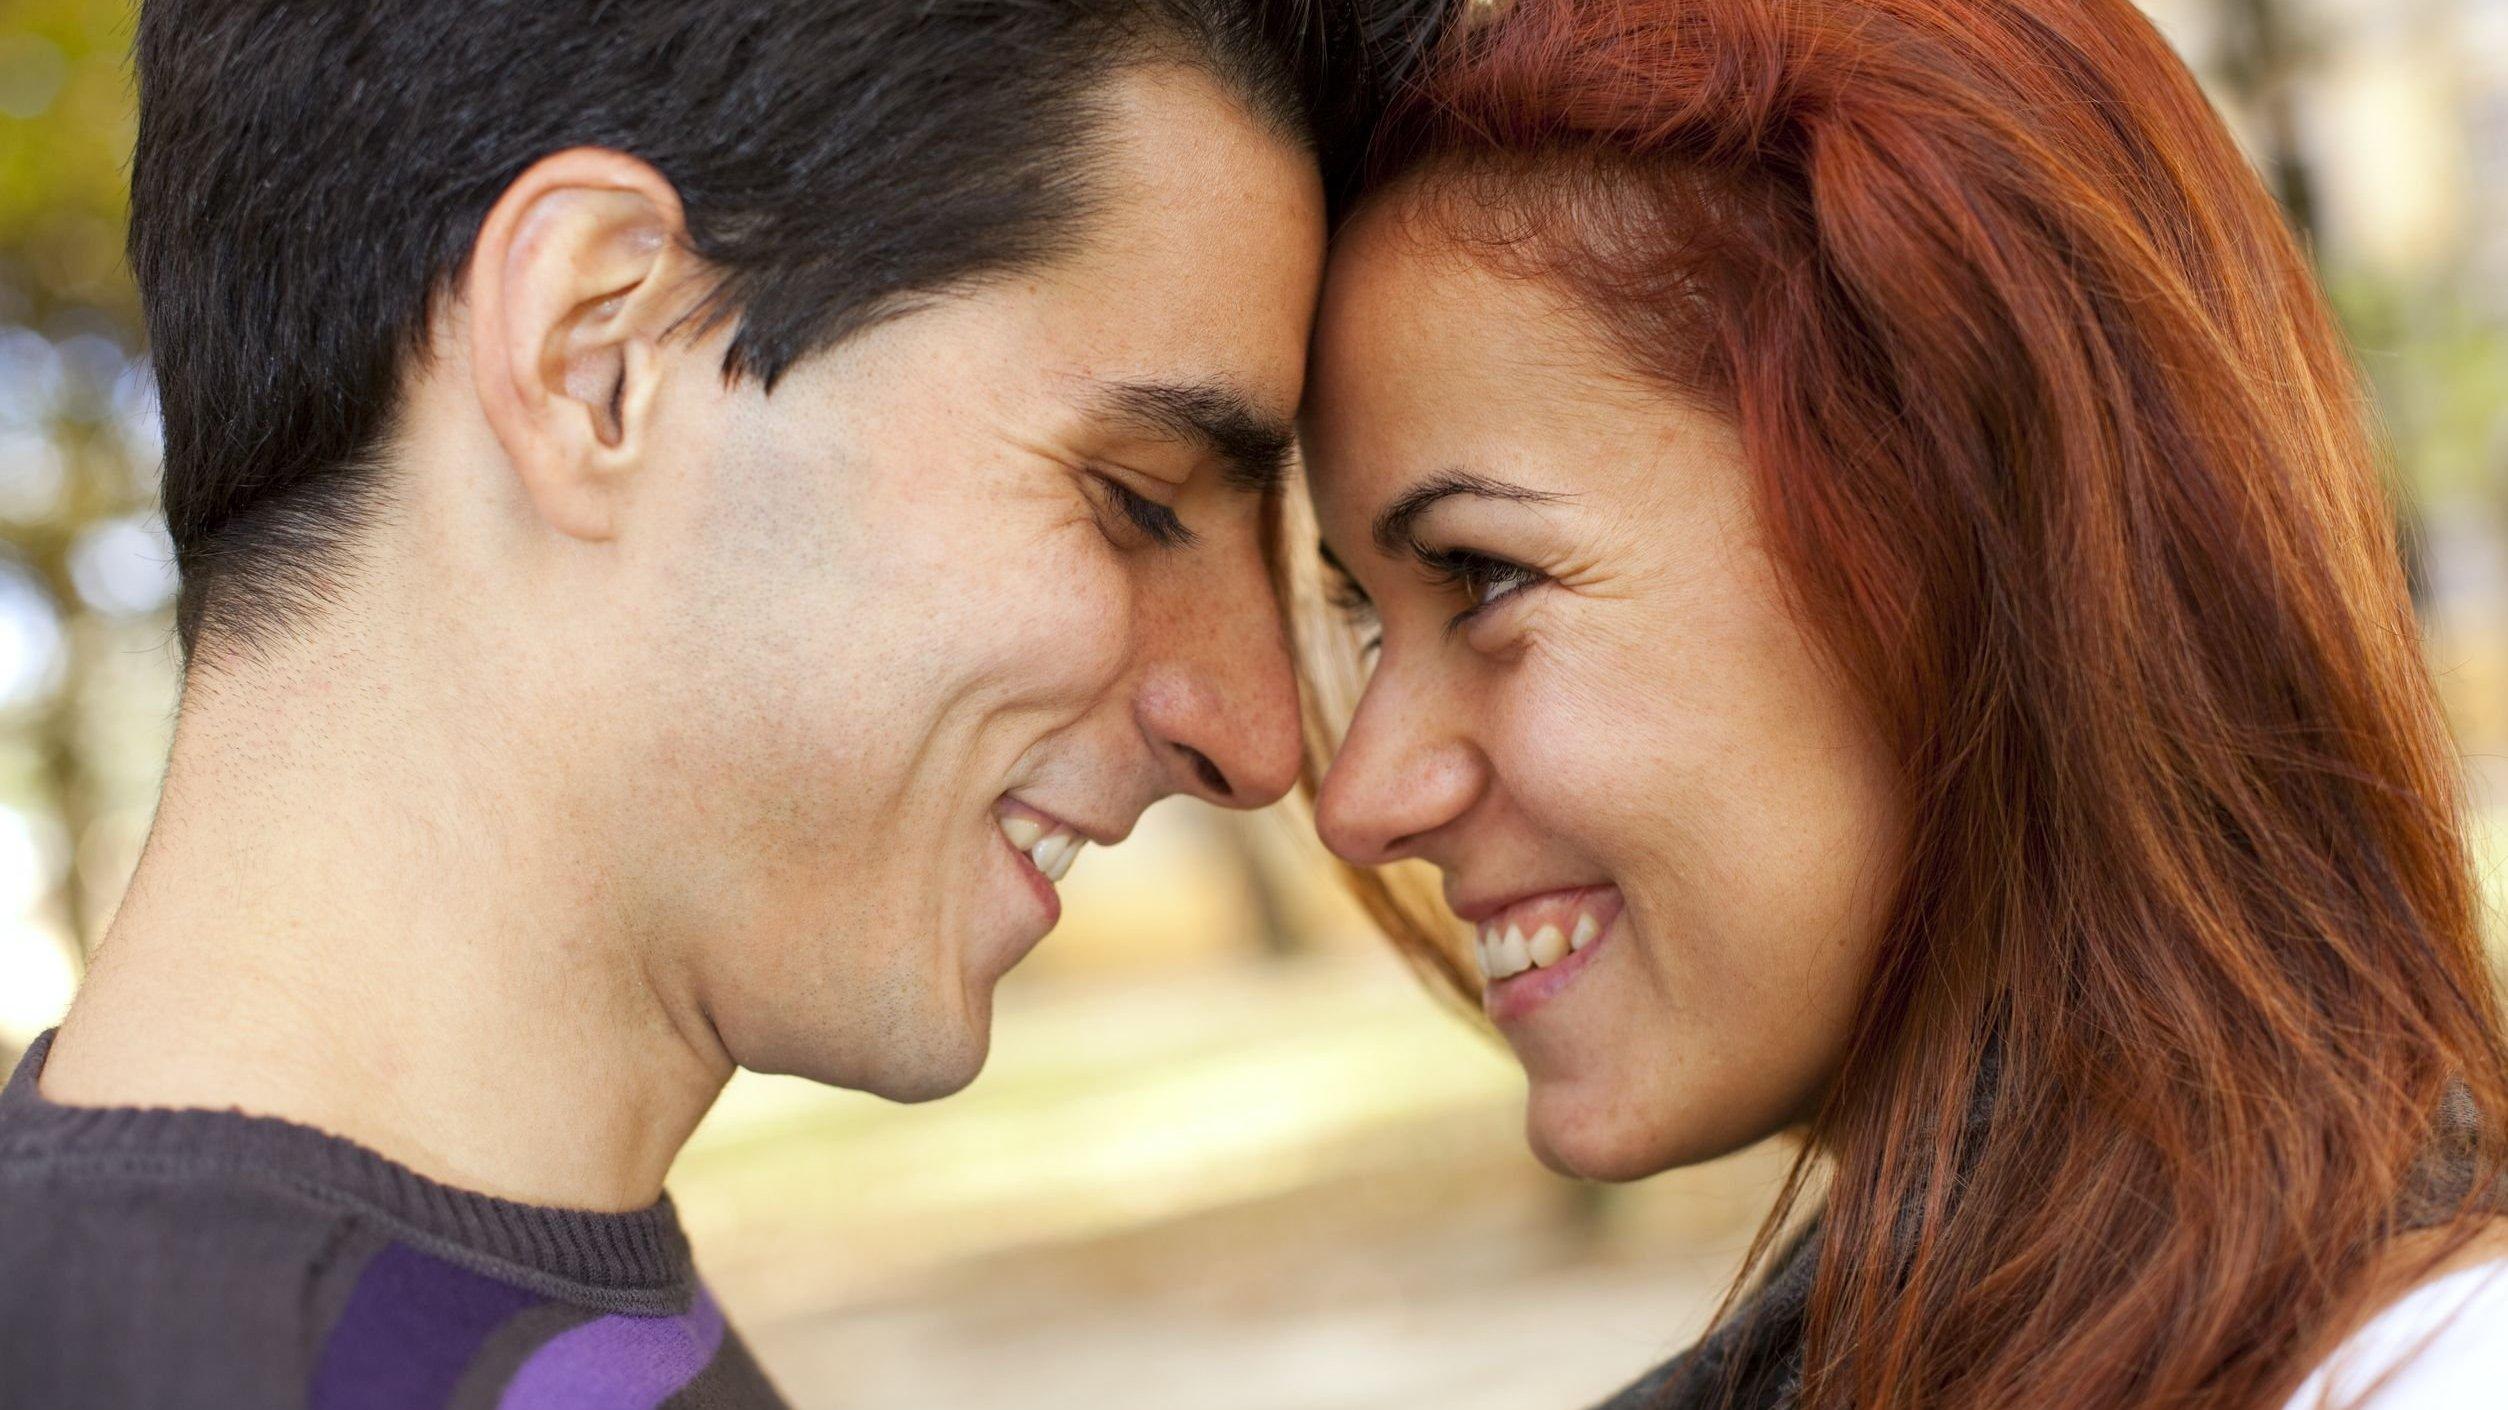 Casal se olhando e sorrindo em parque.